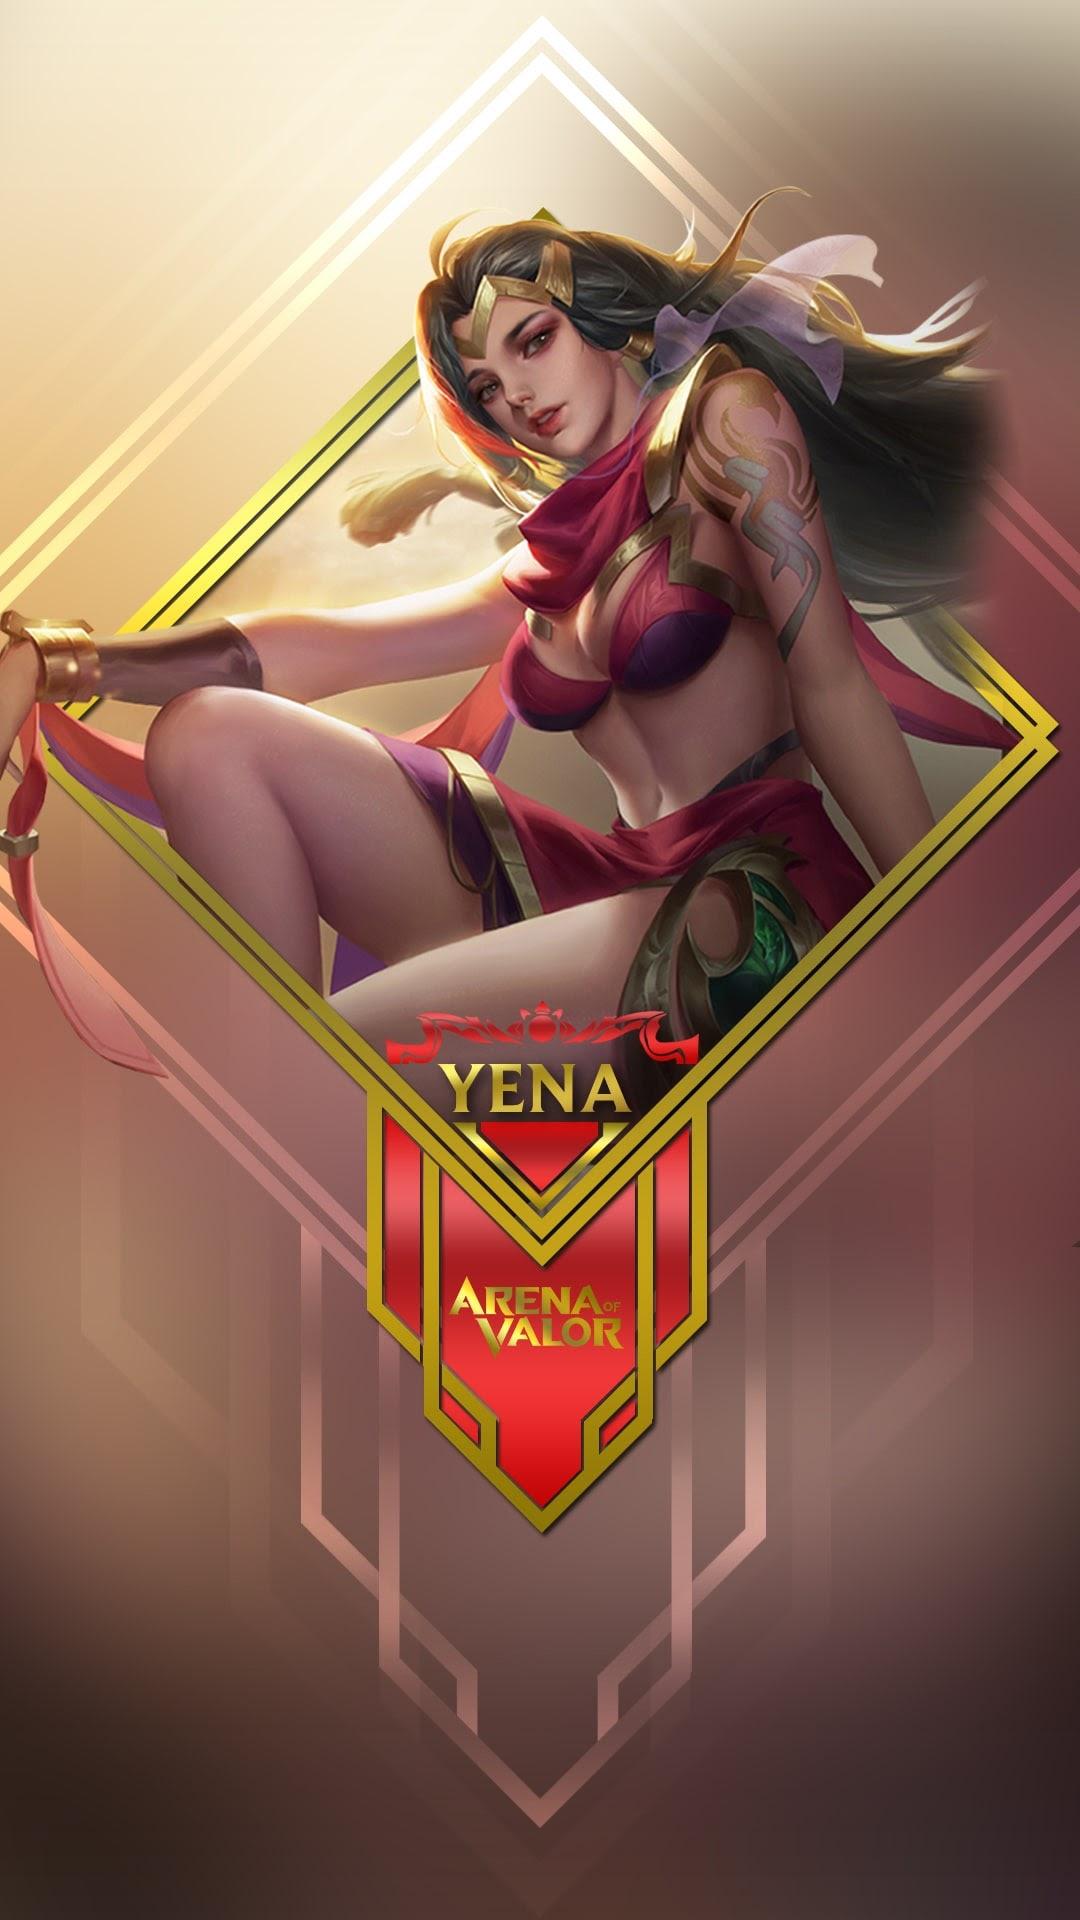 Hình nền liên quân Mobile cho điện thoại - Tướng Yena